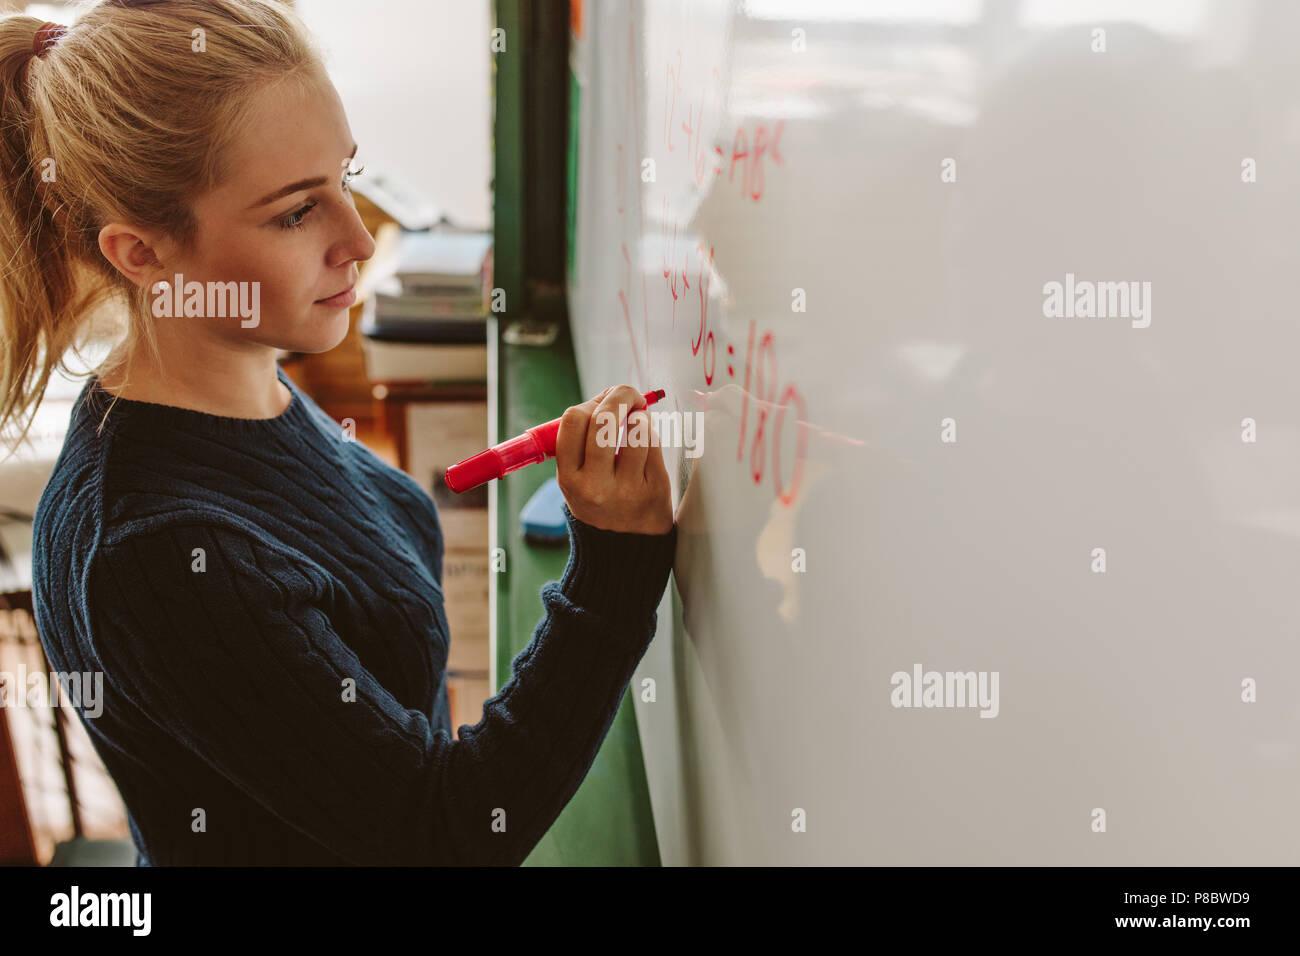 Close up studentessa scrivere una equazione sul pannello bianco in aula. Ragazza iscritto a bordo durante la matematica di classe. Immagini Stock